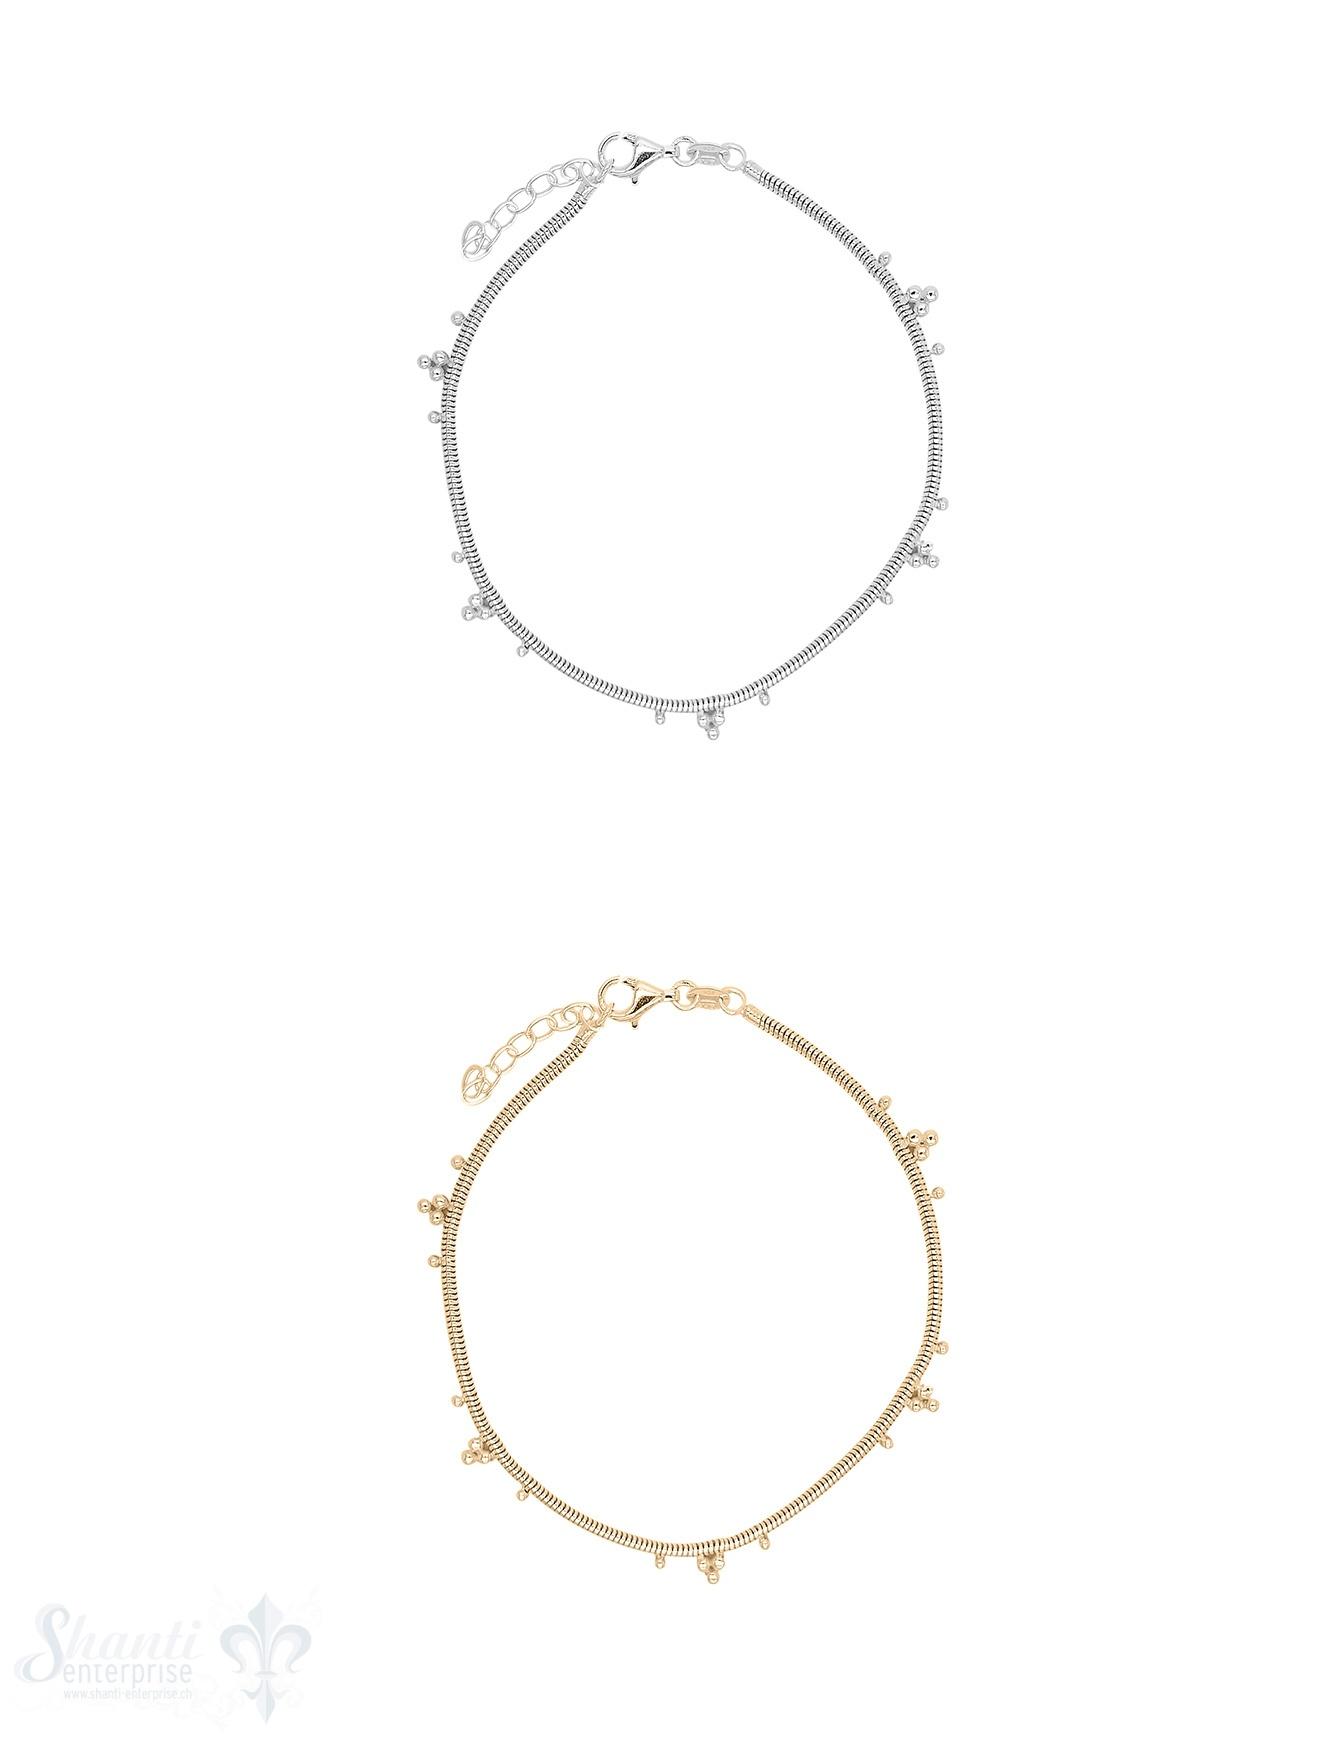 Fussketteli Silber Uhrmacher 23-26 cm mit Tupfen muster fein Karabiner ec Grössen verstellbar